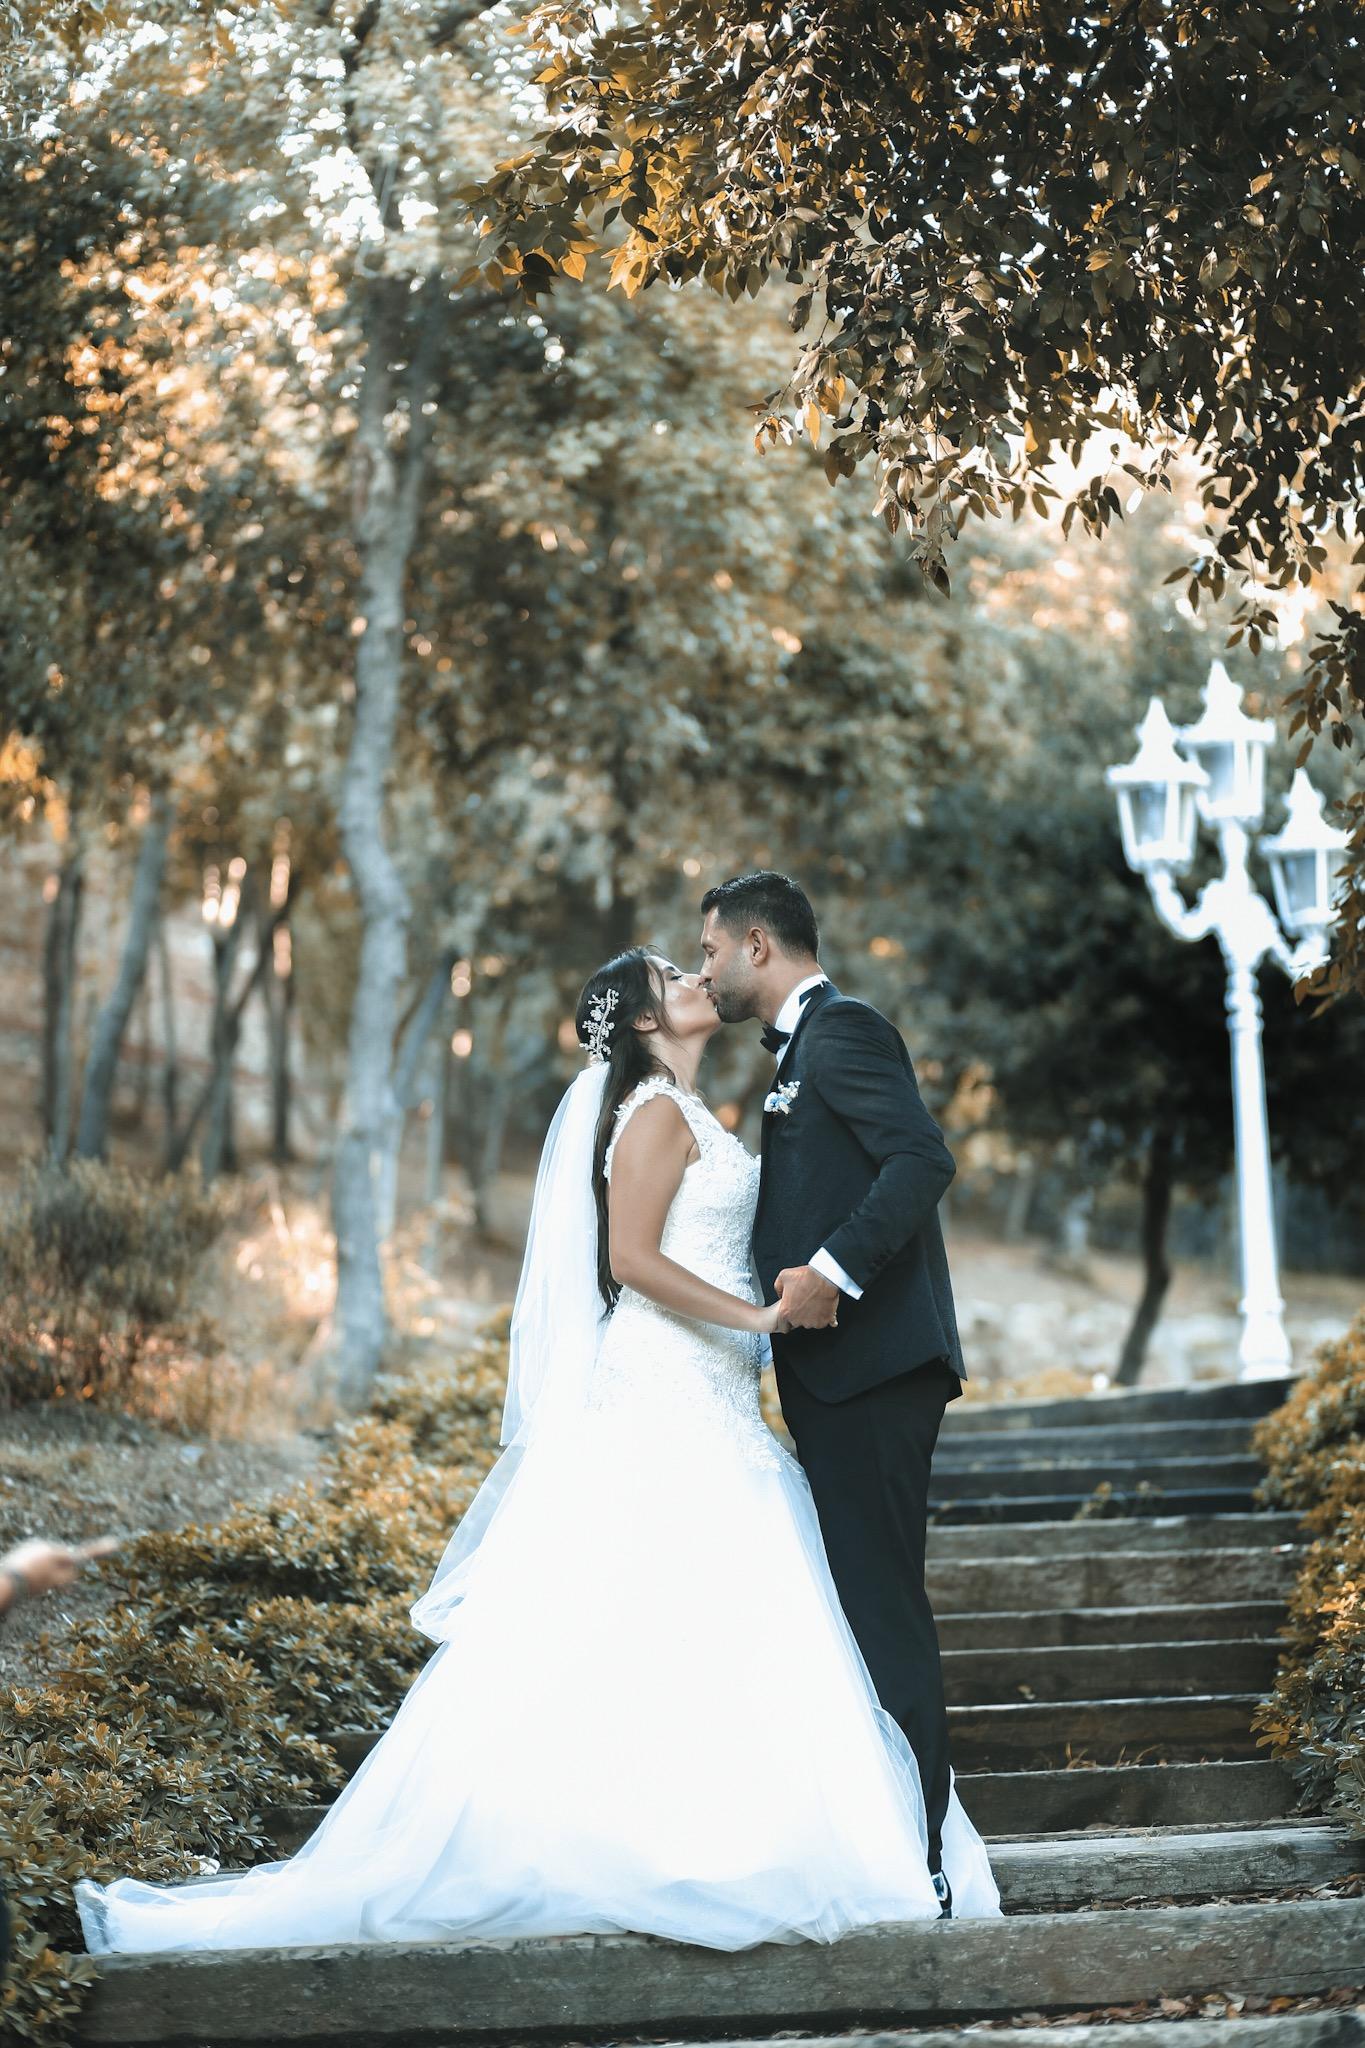 Yildiz parki düğün fotoğraf çekimi Ve düğün hikayesi. Dügün fotoğrafcisi